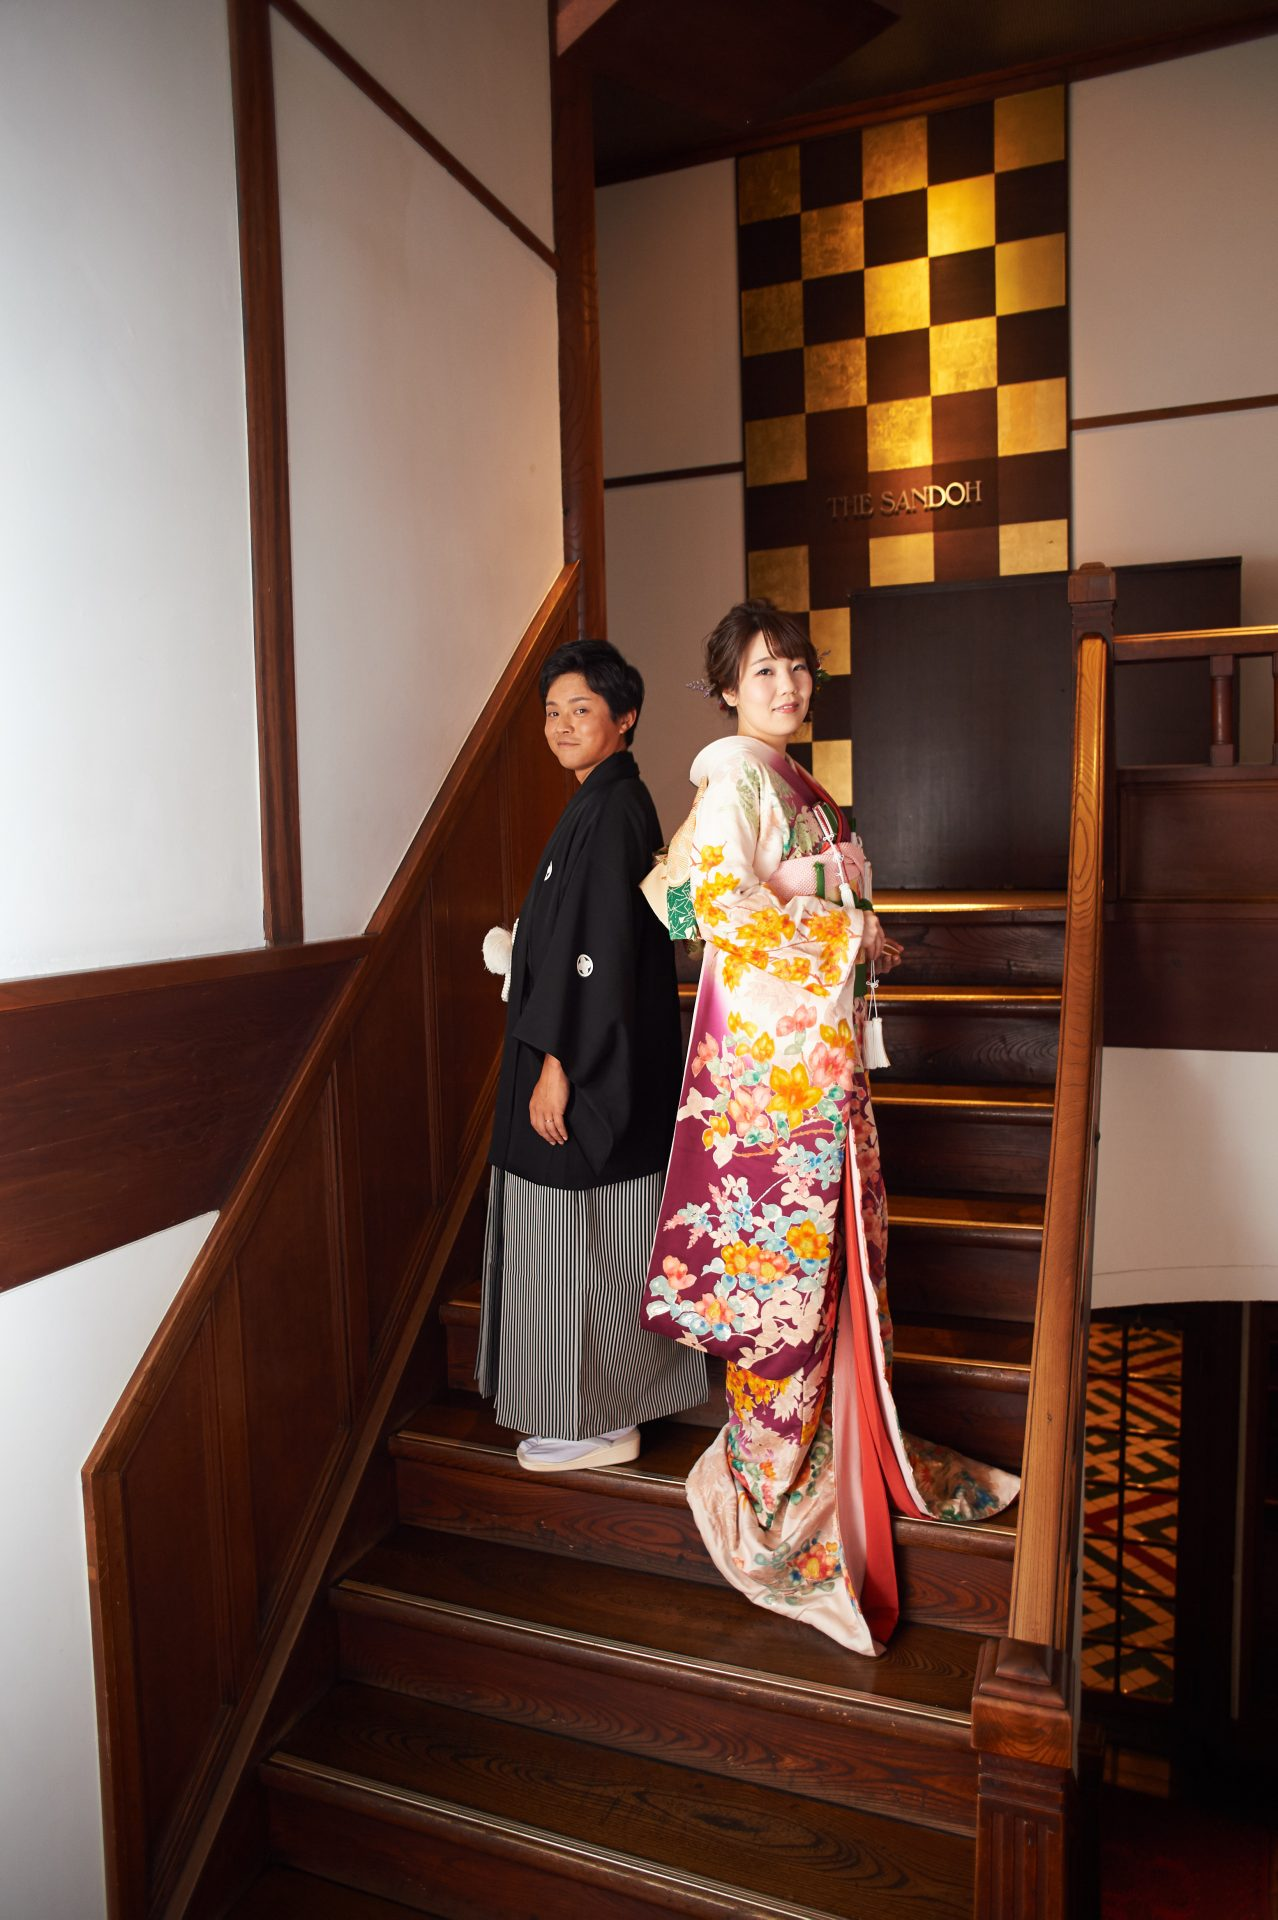 華やかな和装でのお式は、参列のゲスト皆様の心に響く忘れられない1着です。窓から映し出す日本庭園に美しく映えます。